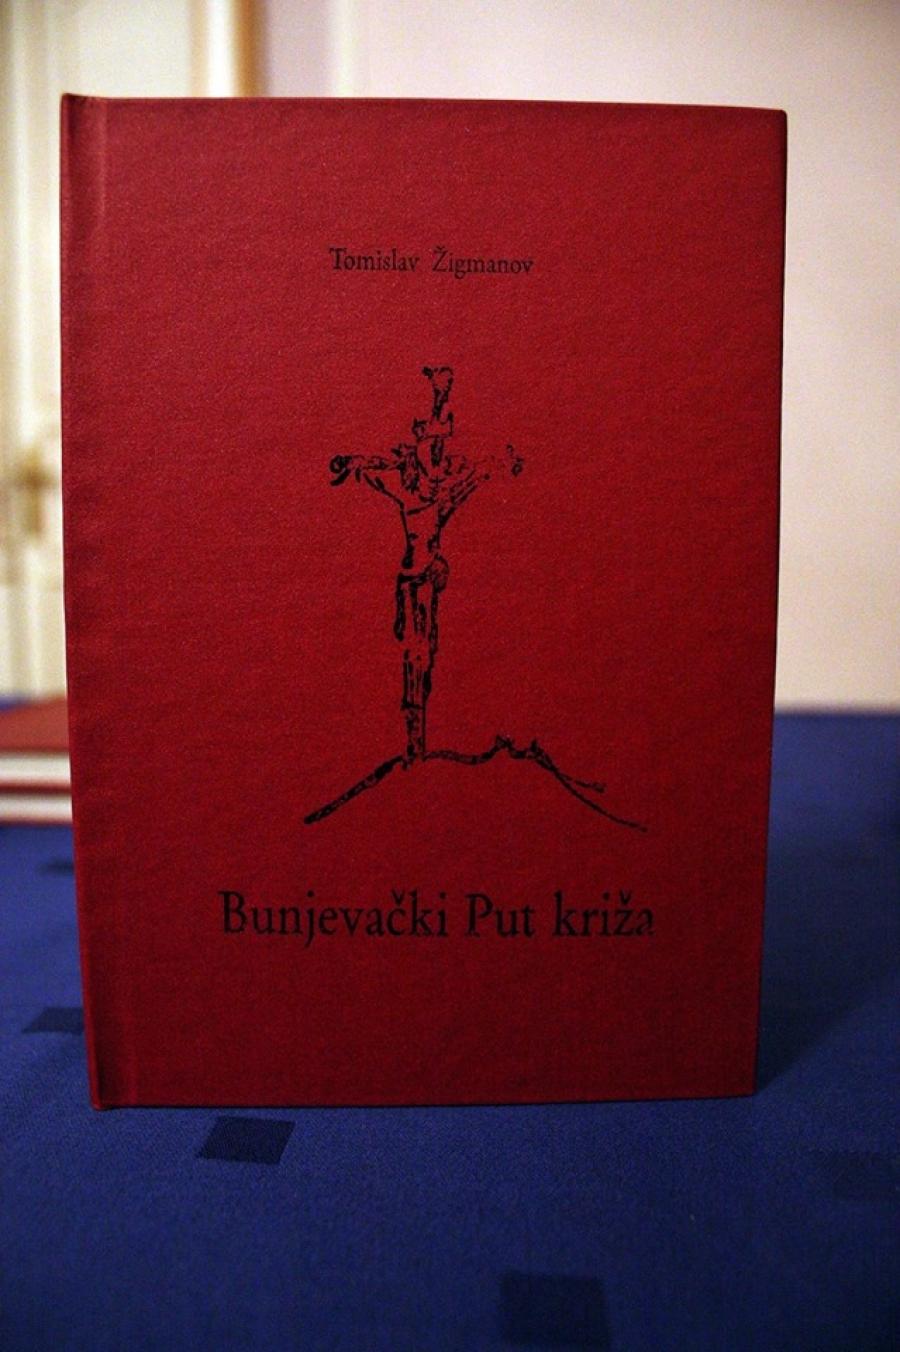 """Predstavljena knjiga """"Bački Put križa"""" Tomislava Žigmanova"""